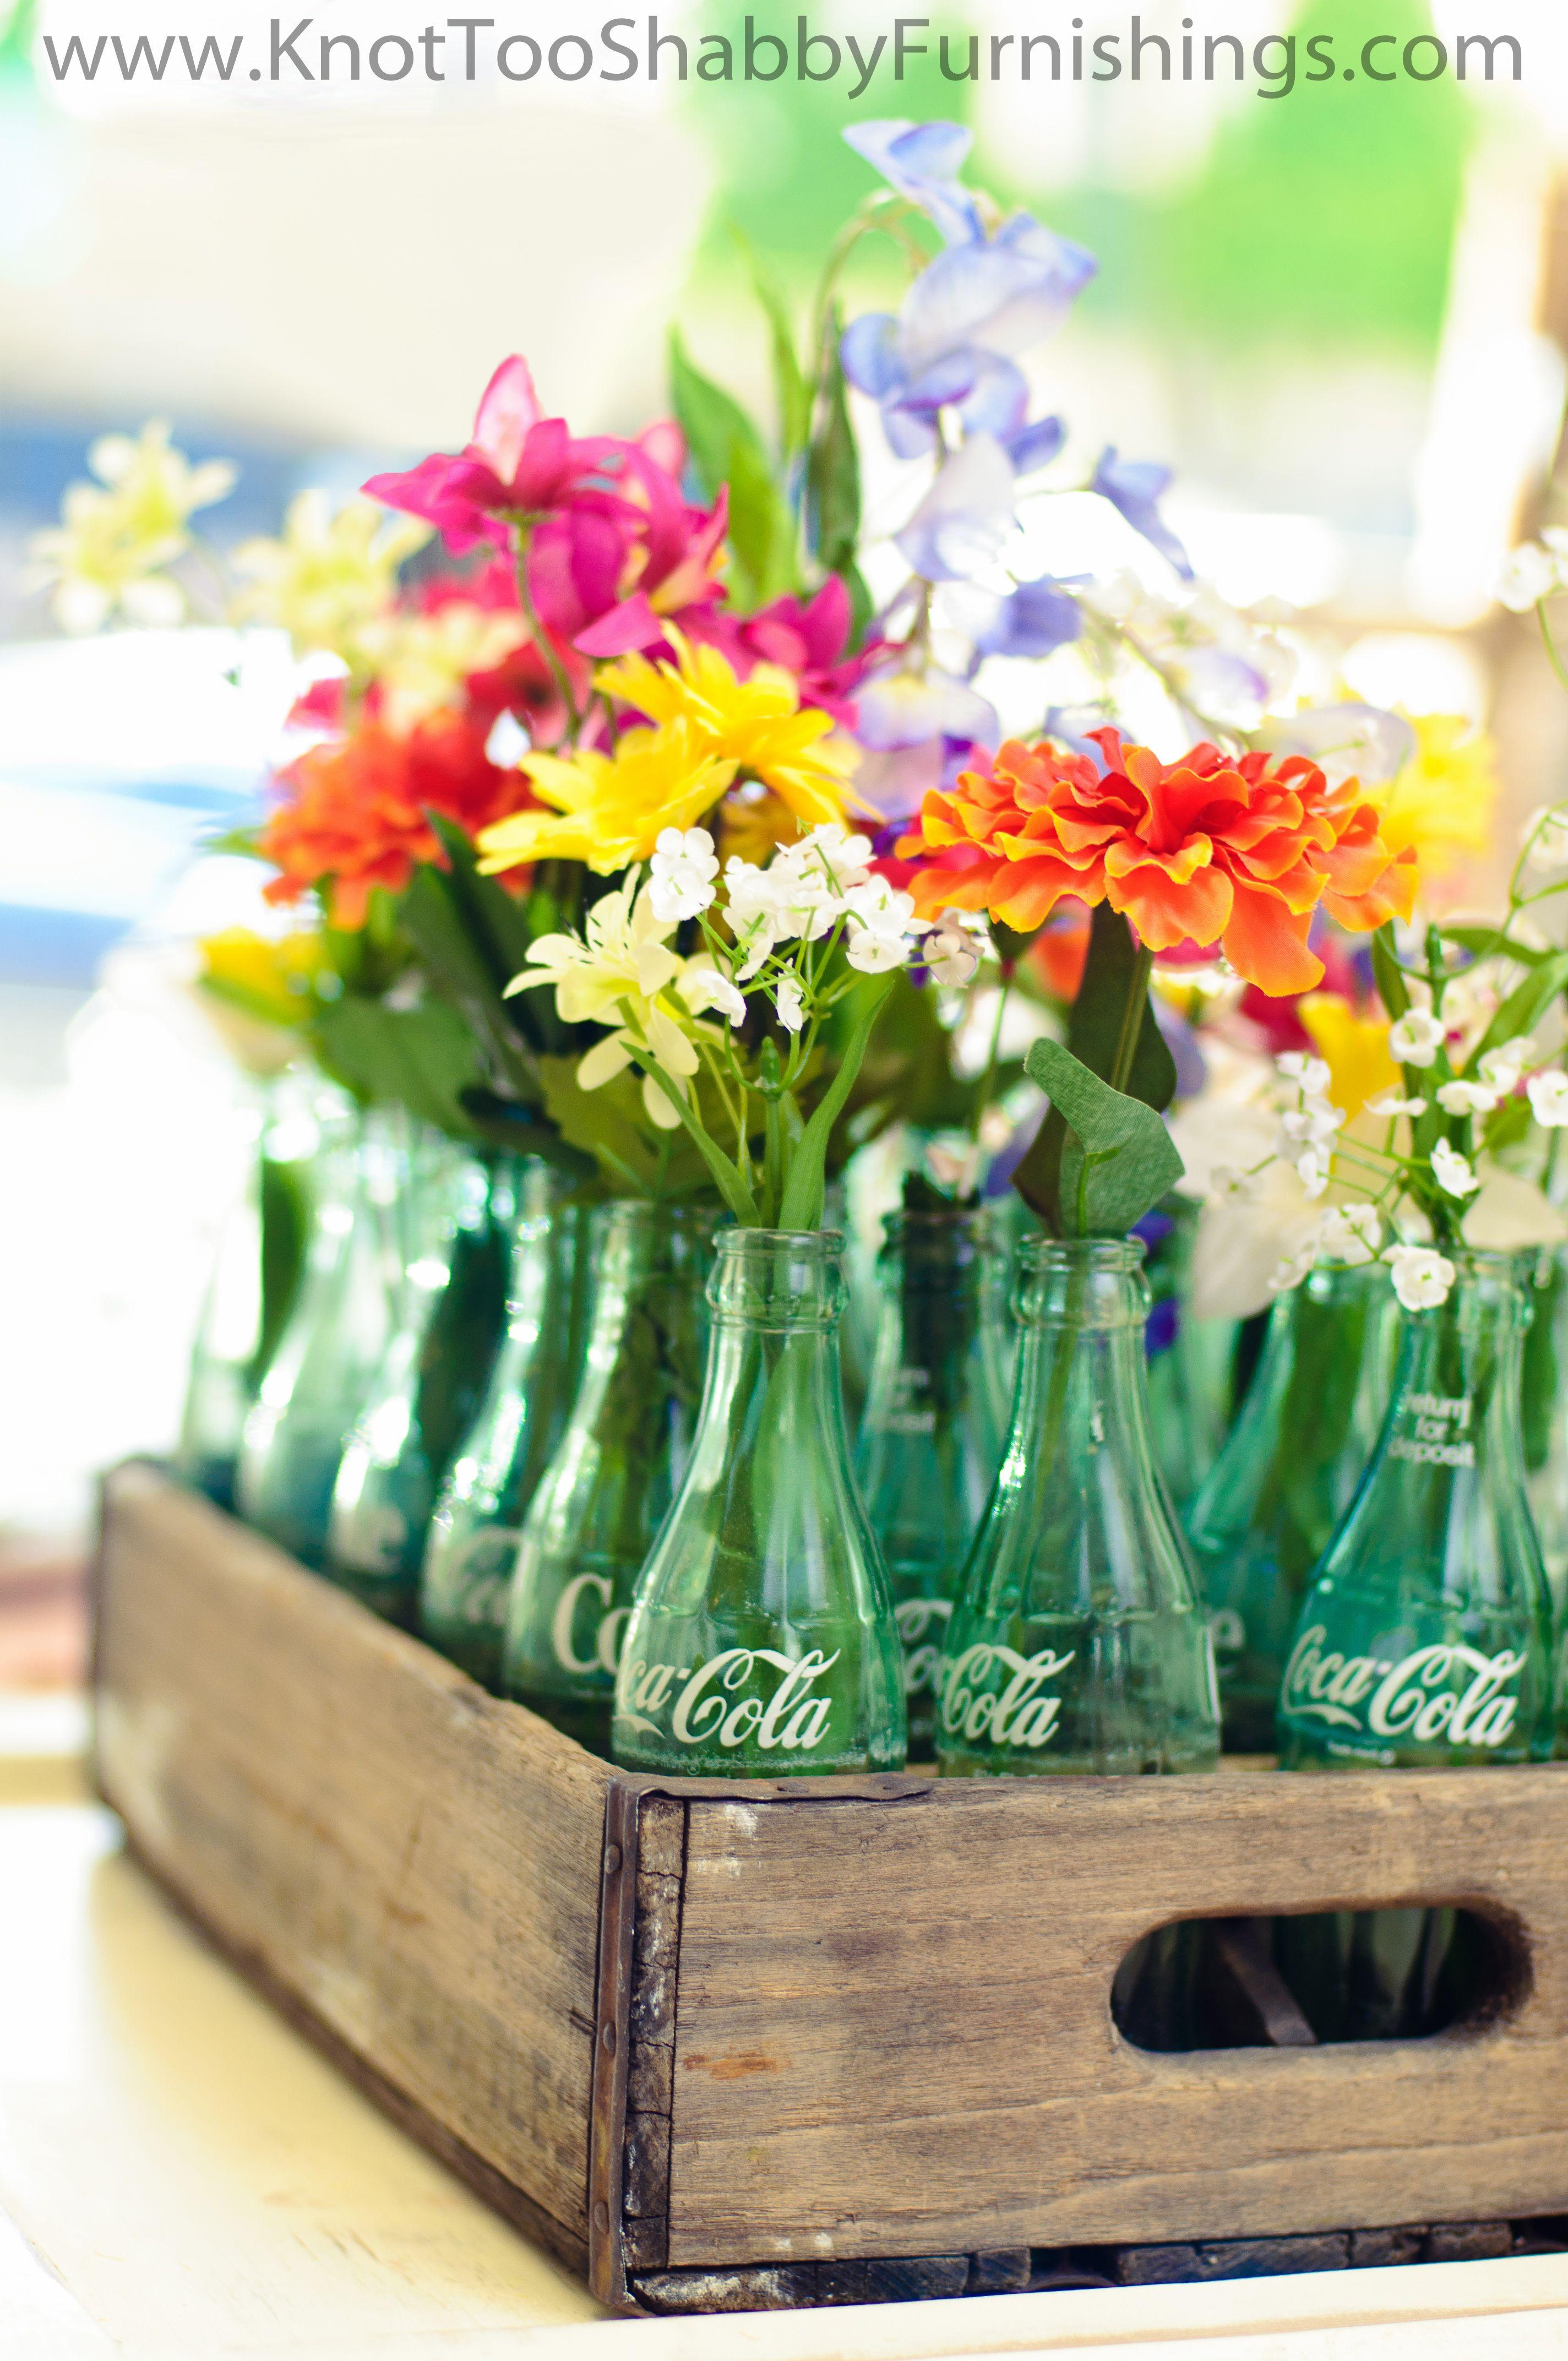 Floral arrangement with vintage coca cola bottles in original floral arrangement with vintage coca cola bottles in original wooden flateat reviewsmspy